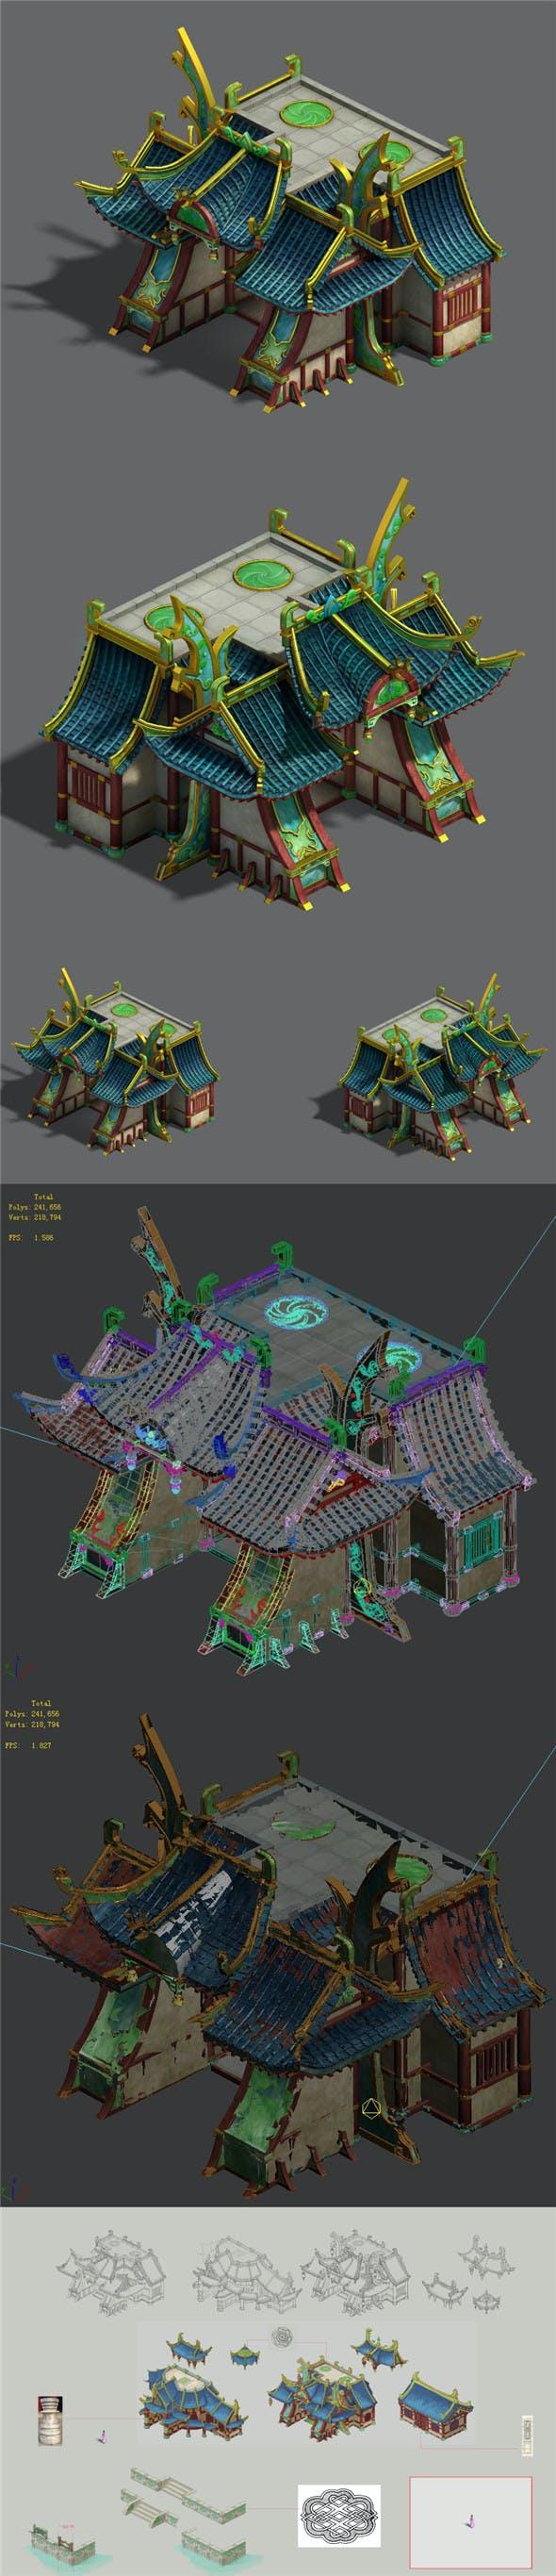 Market - City Architecture 03 - 3DOcean Item for Sale